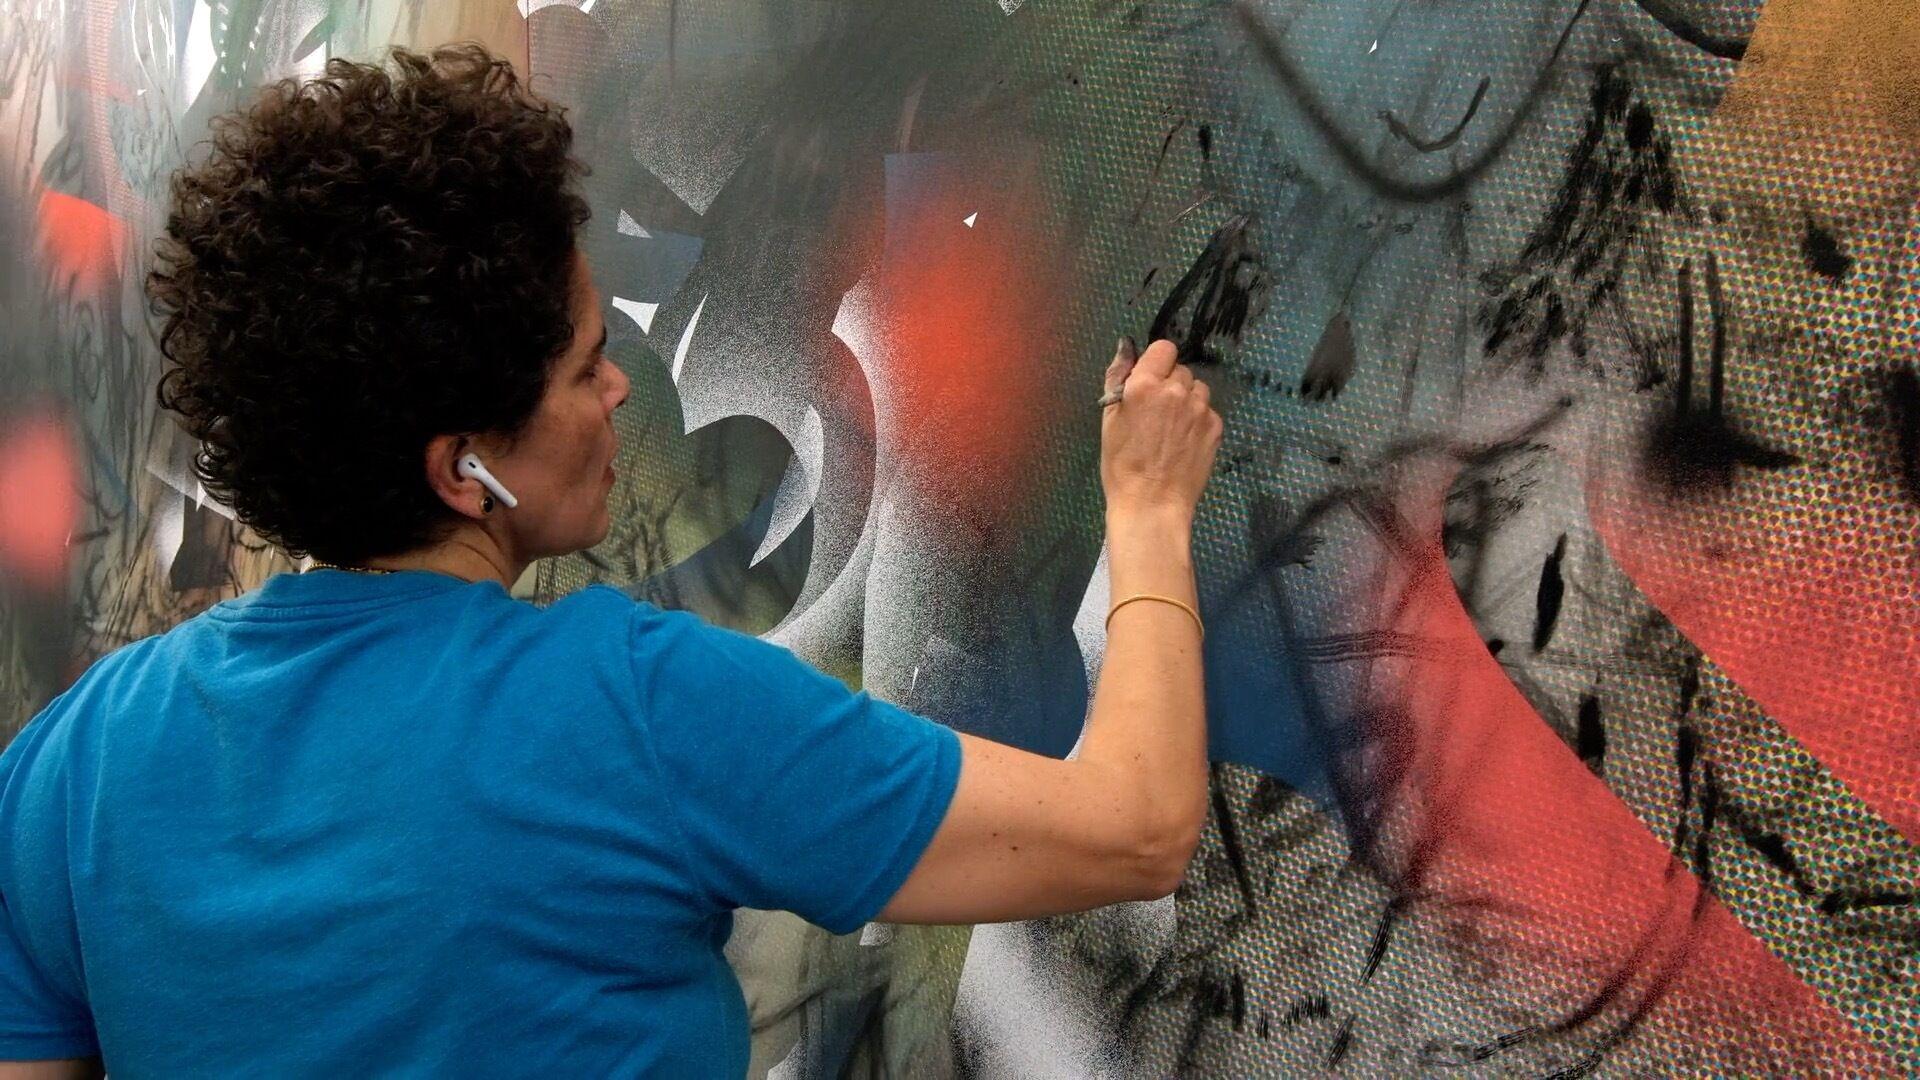 The artist Julie Mehretu painting one of her works.